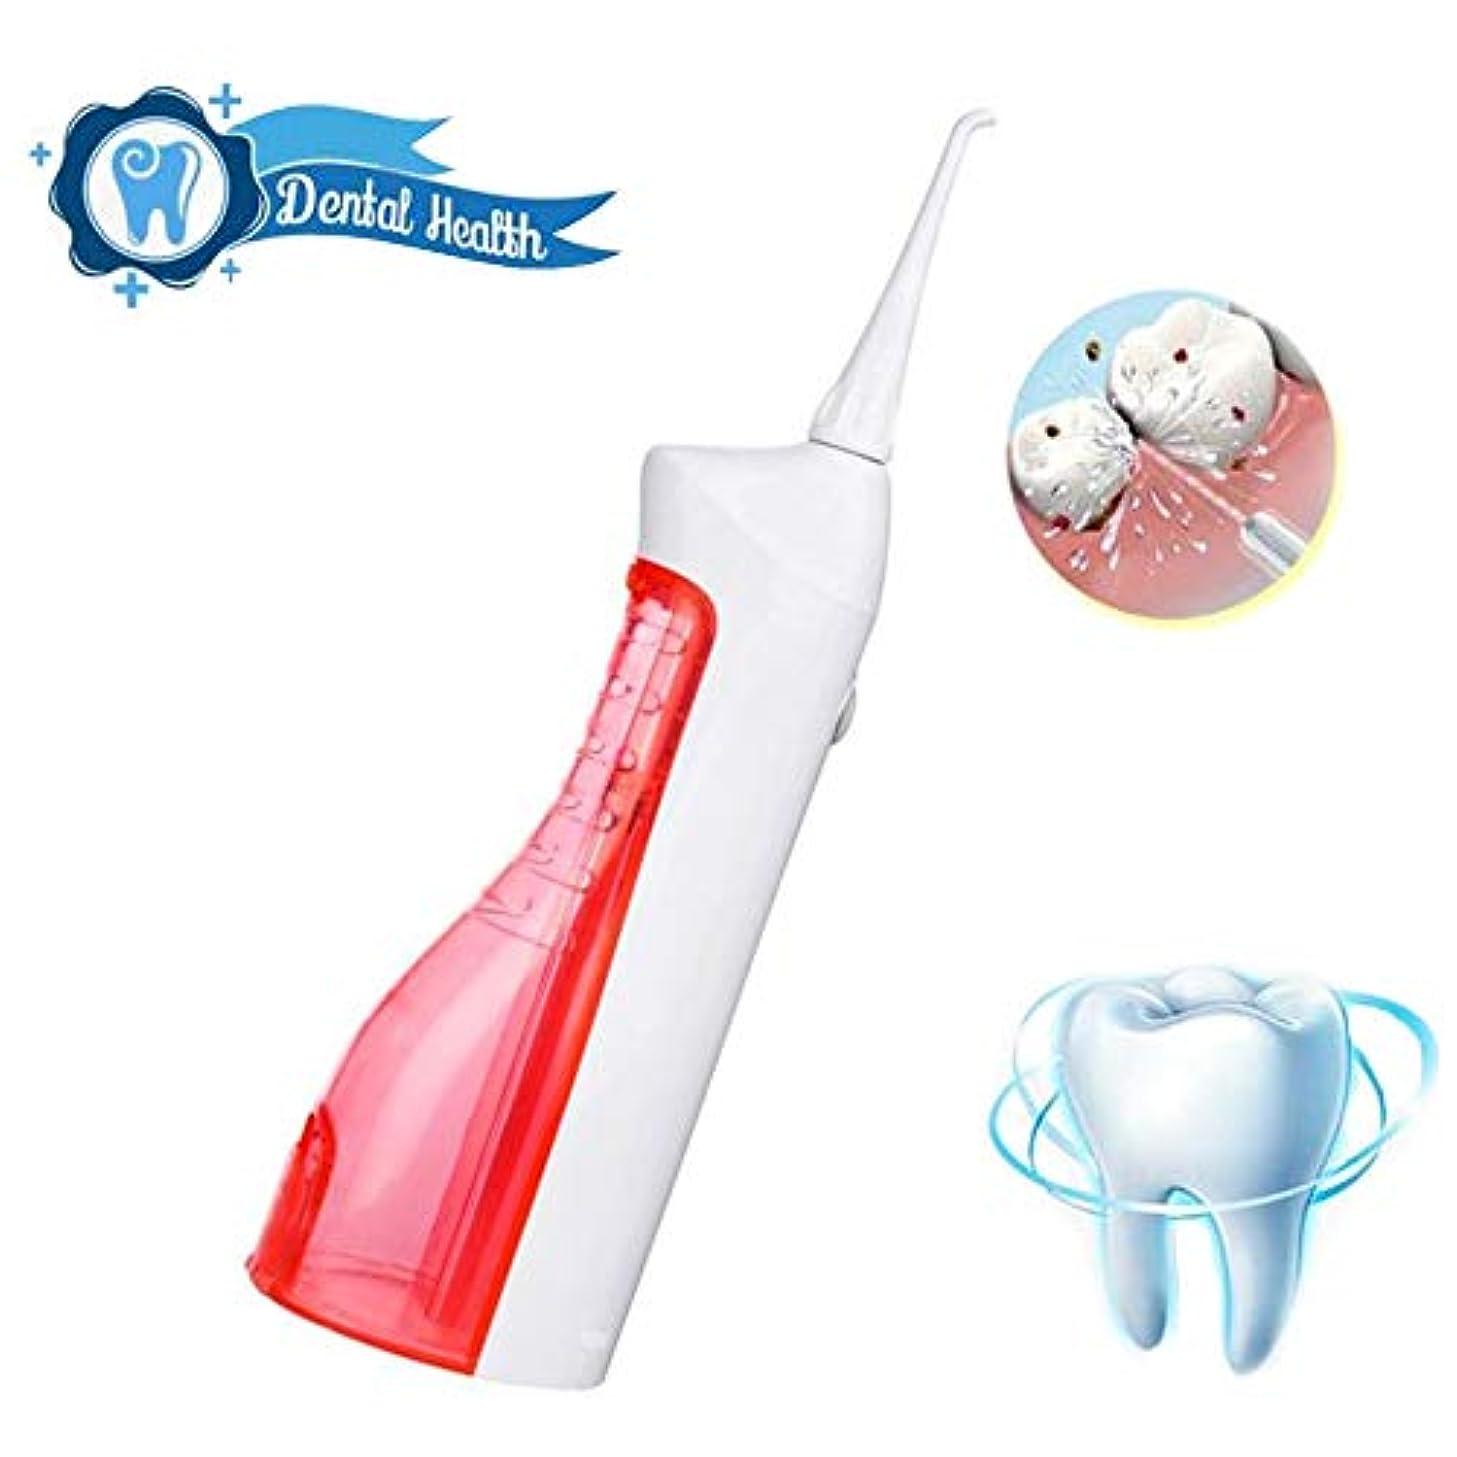 帝国主義キャリッジ悪化させる歯のためのウォーターフロッサー、ポータブルプロフェッショナルコードレス歯科口腔灌漑器(150mlタンク、2本のジェットチップ付き)歯磨き粉用クリーナー、2つのクリーニングモード、USB充電式、IPX7